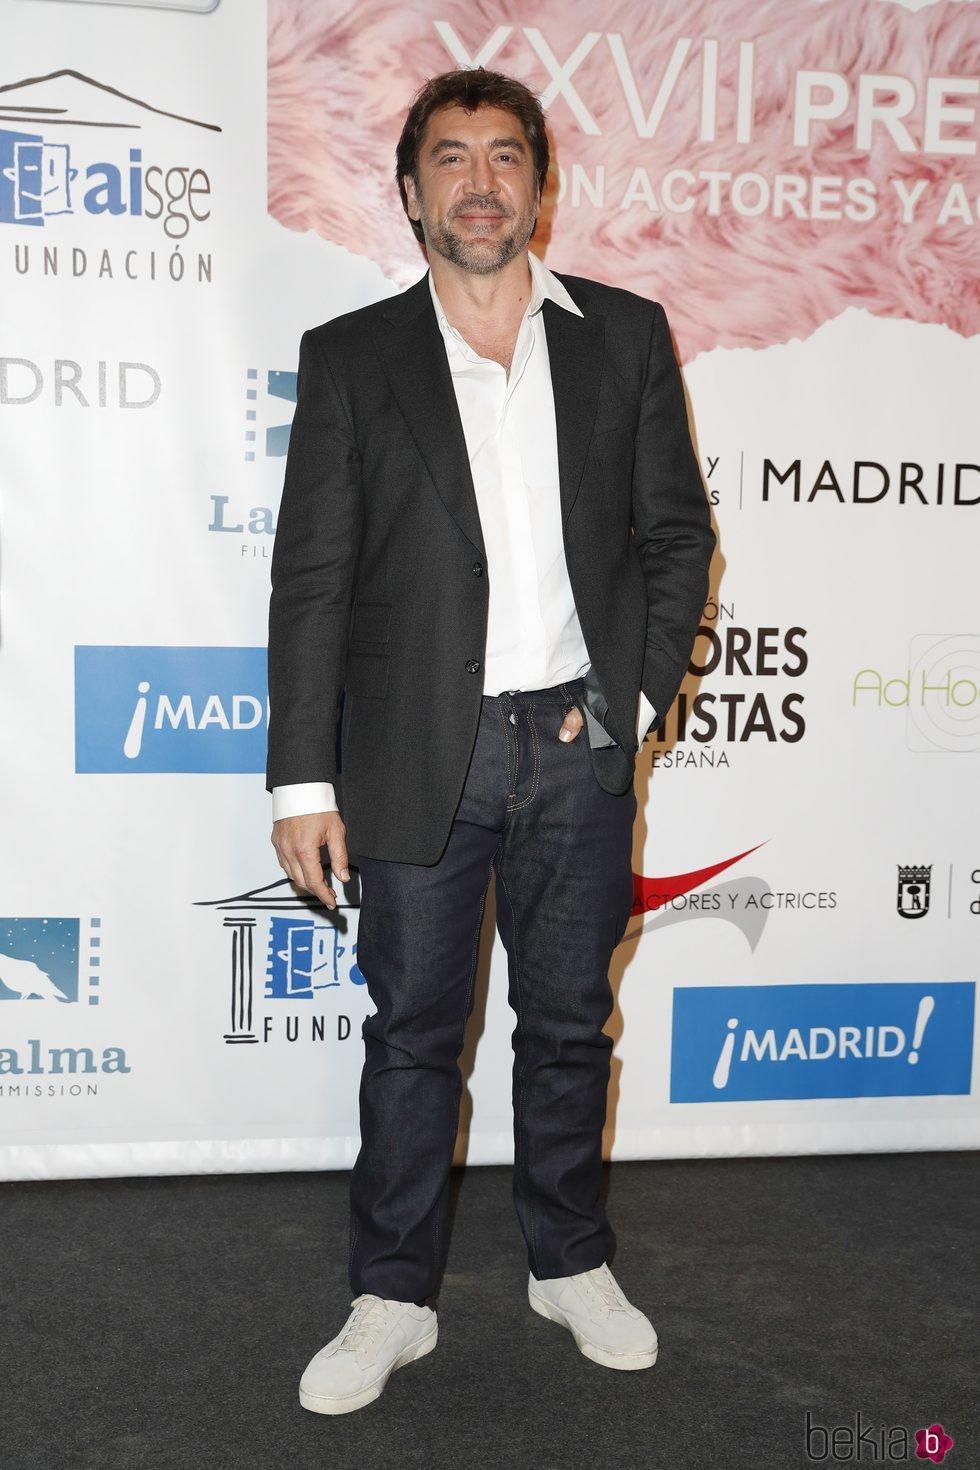 Javier Bardem en el photocall de los Premios Unión de Actores 2018